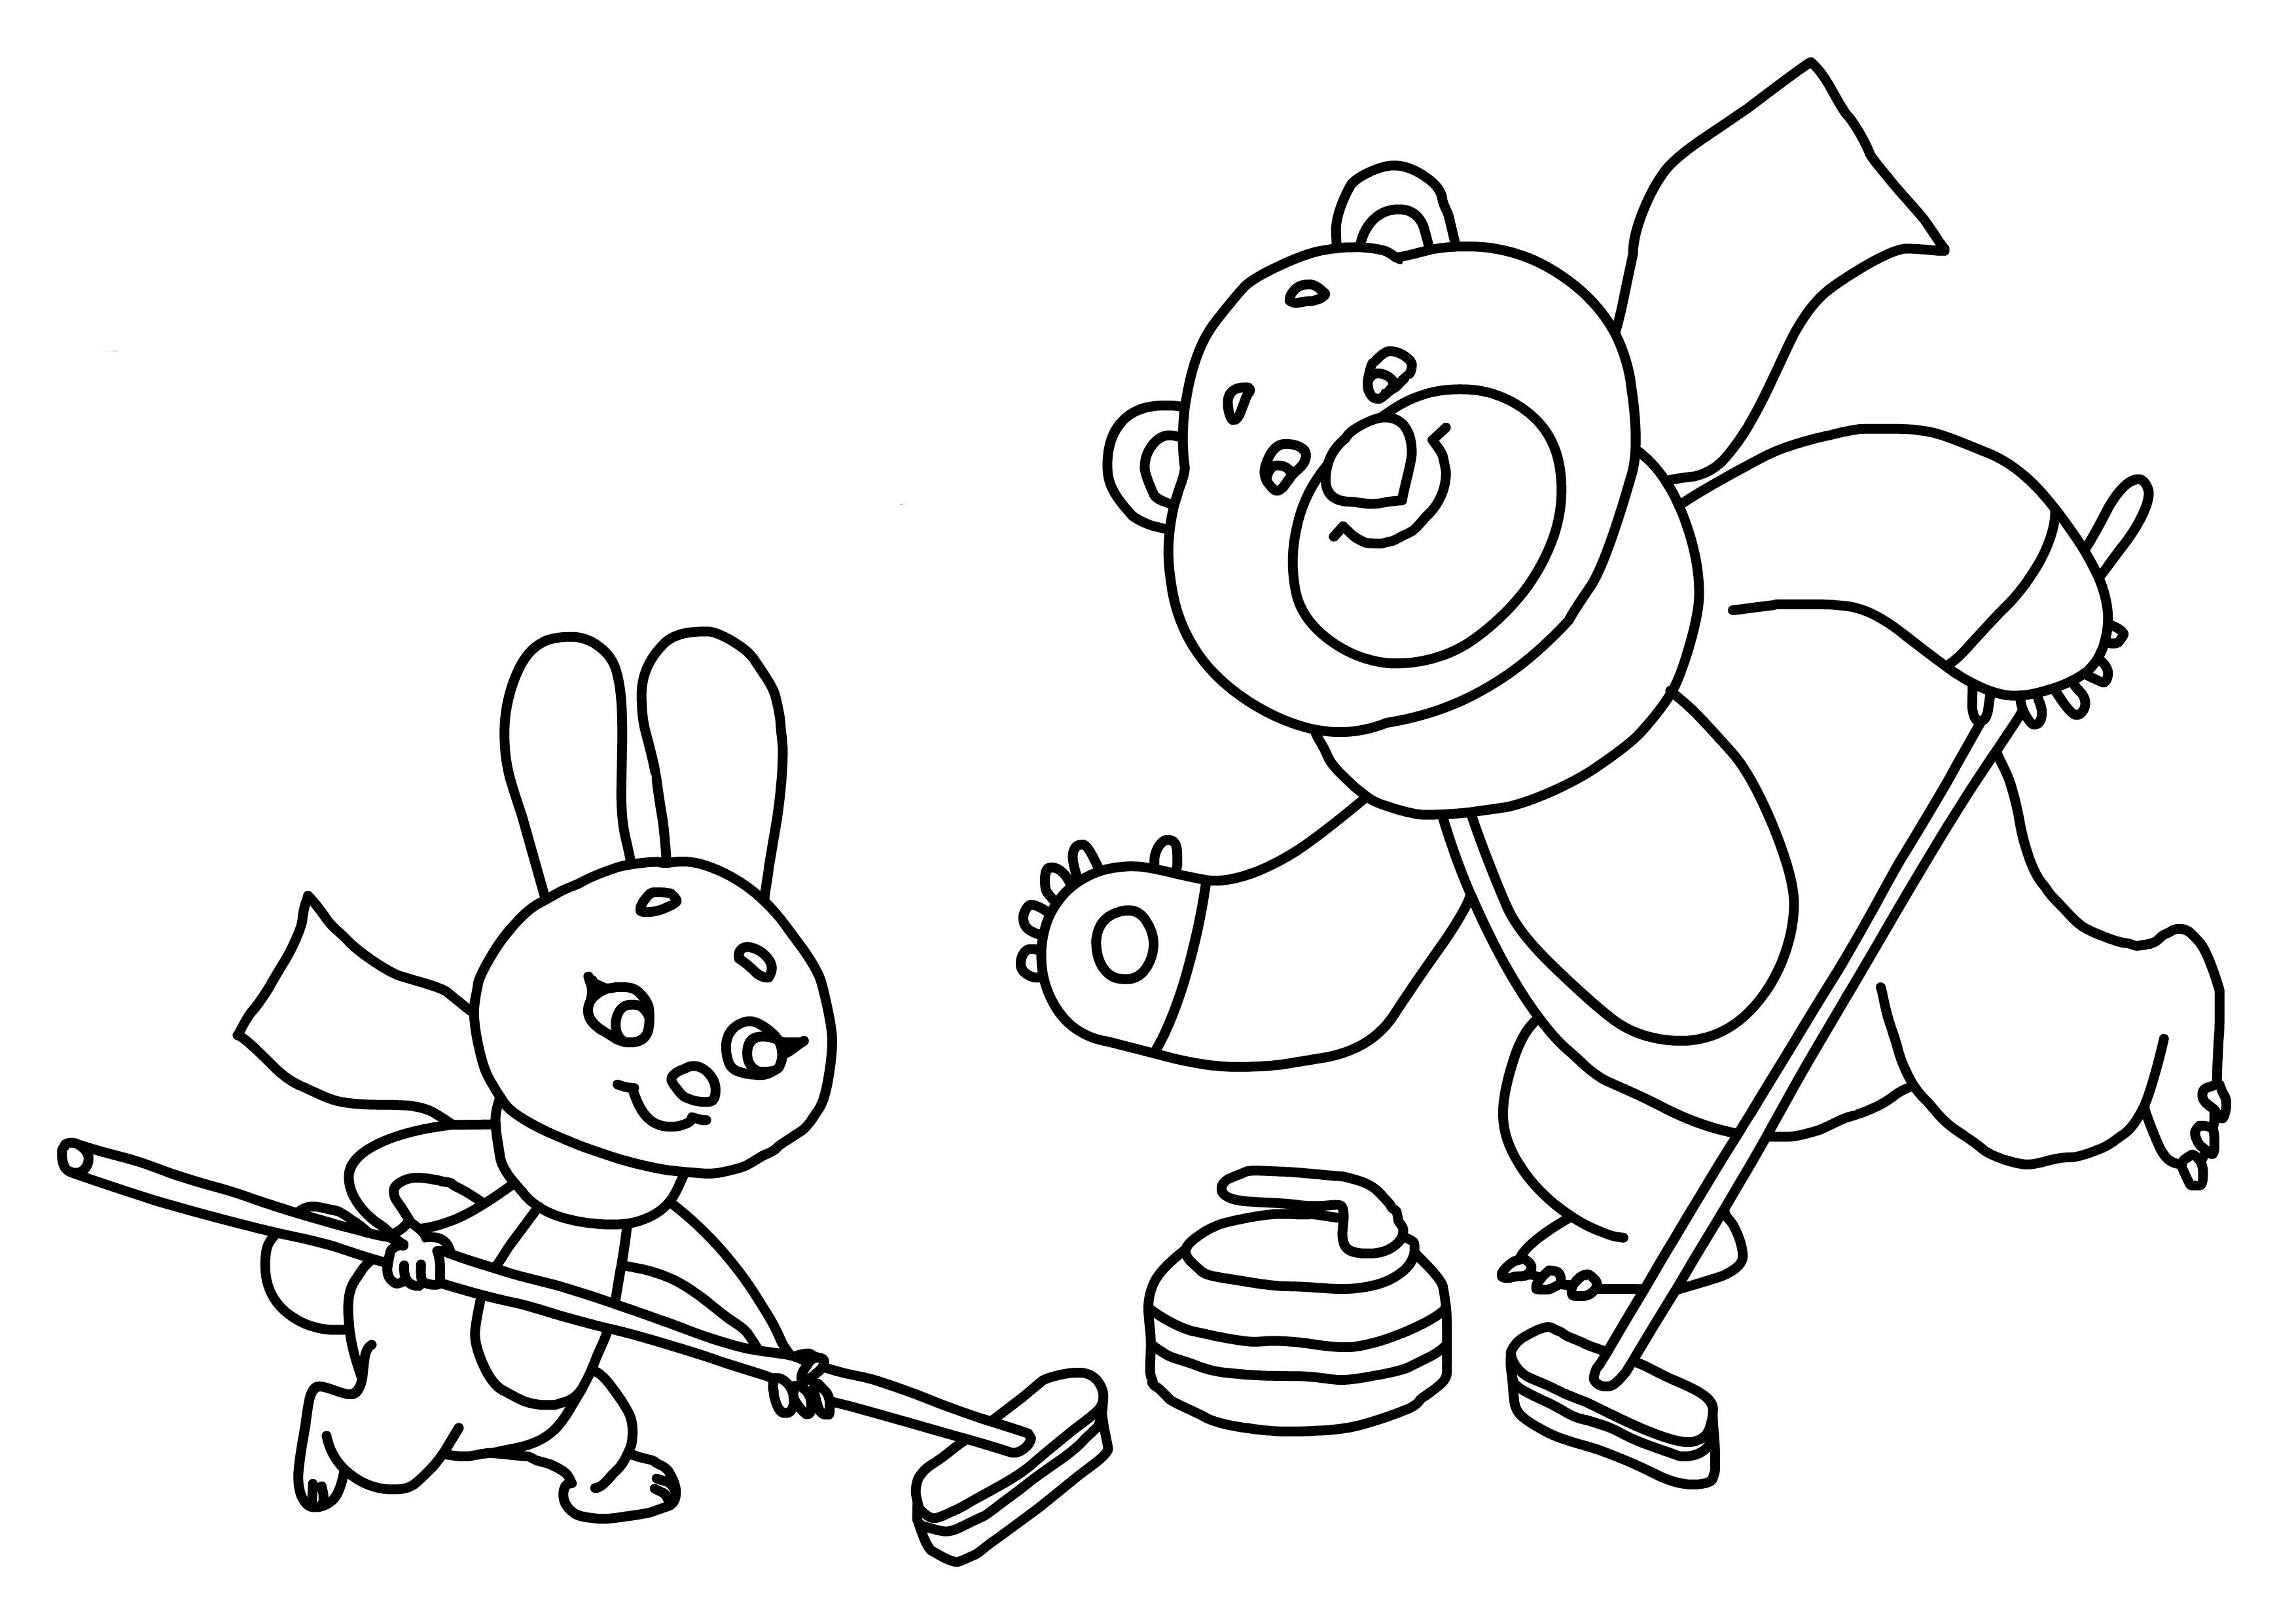 Раскраски о олимпиаде для детей